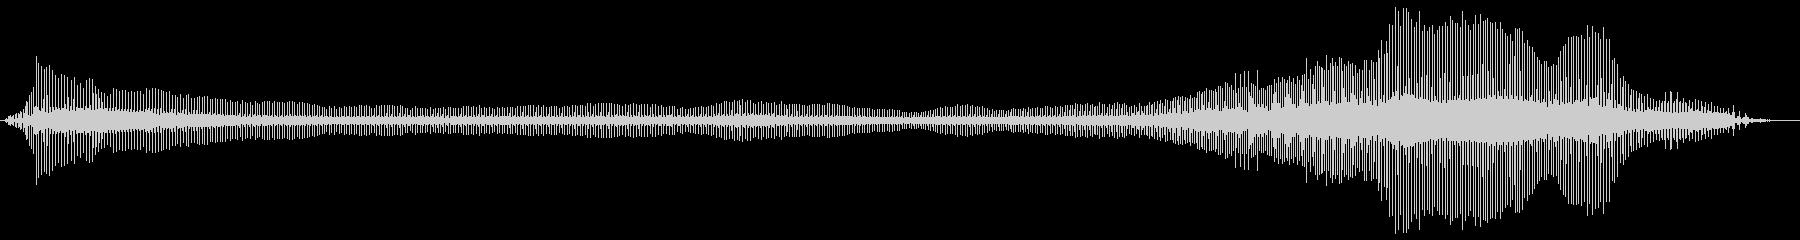 長めでダイナミクスのある屁の未再生の波形